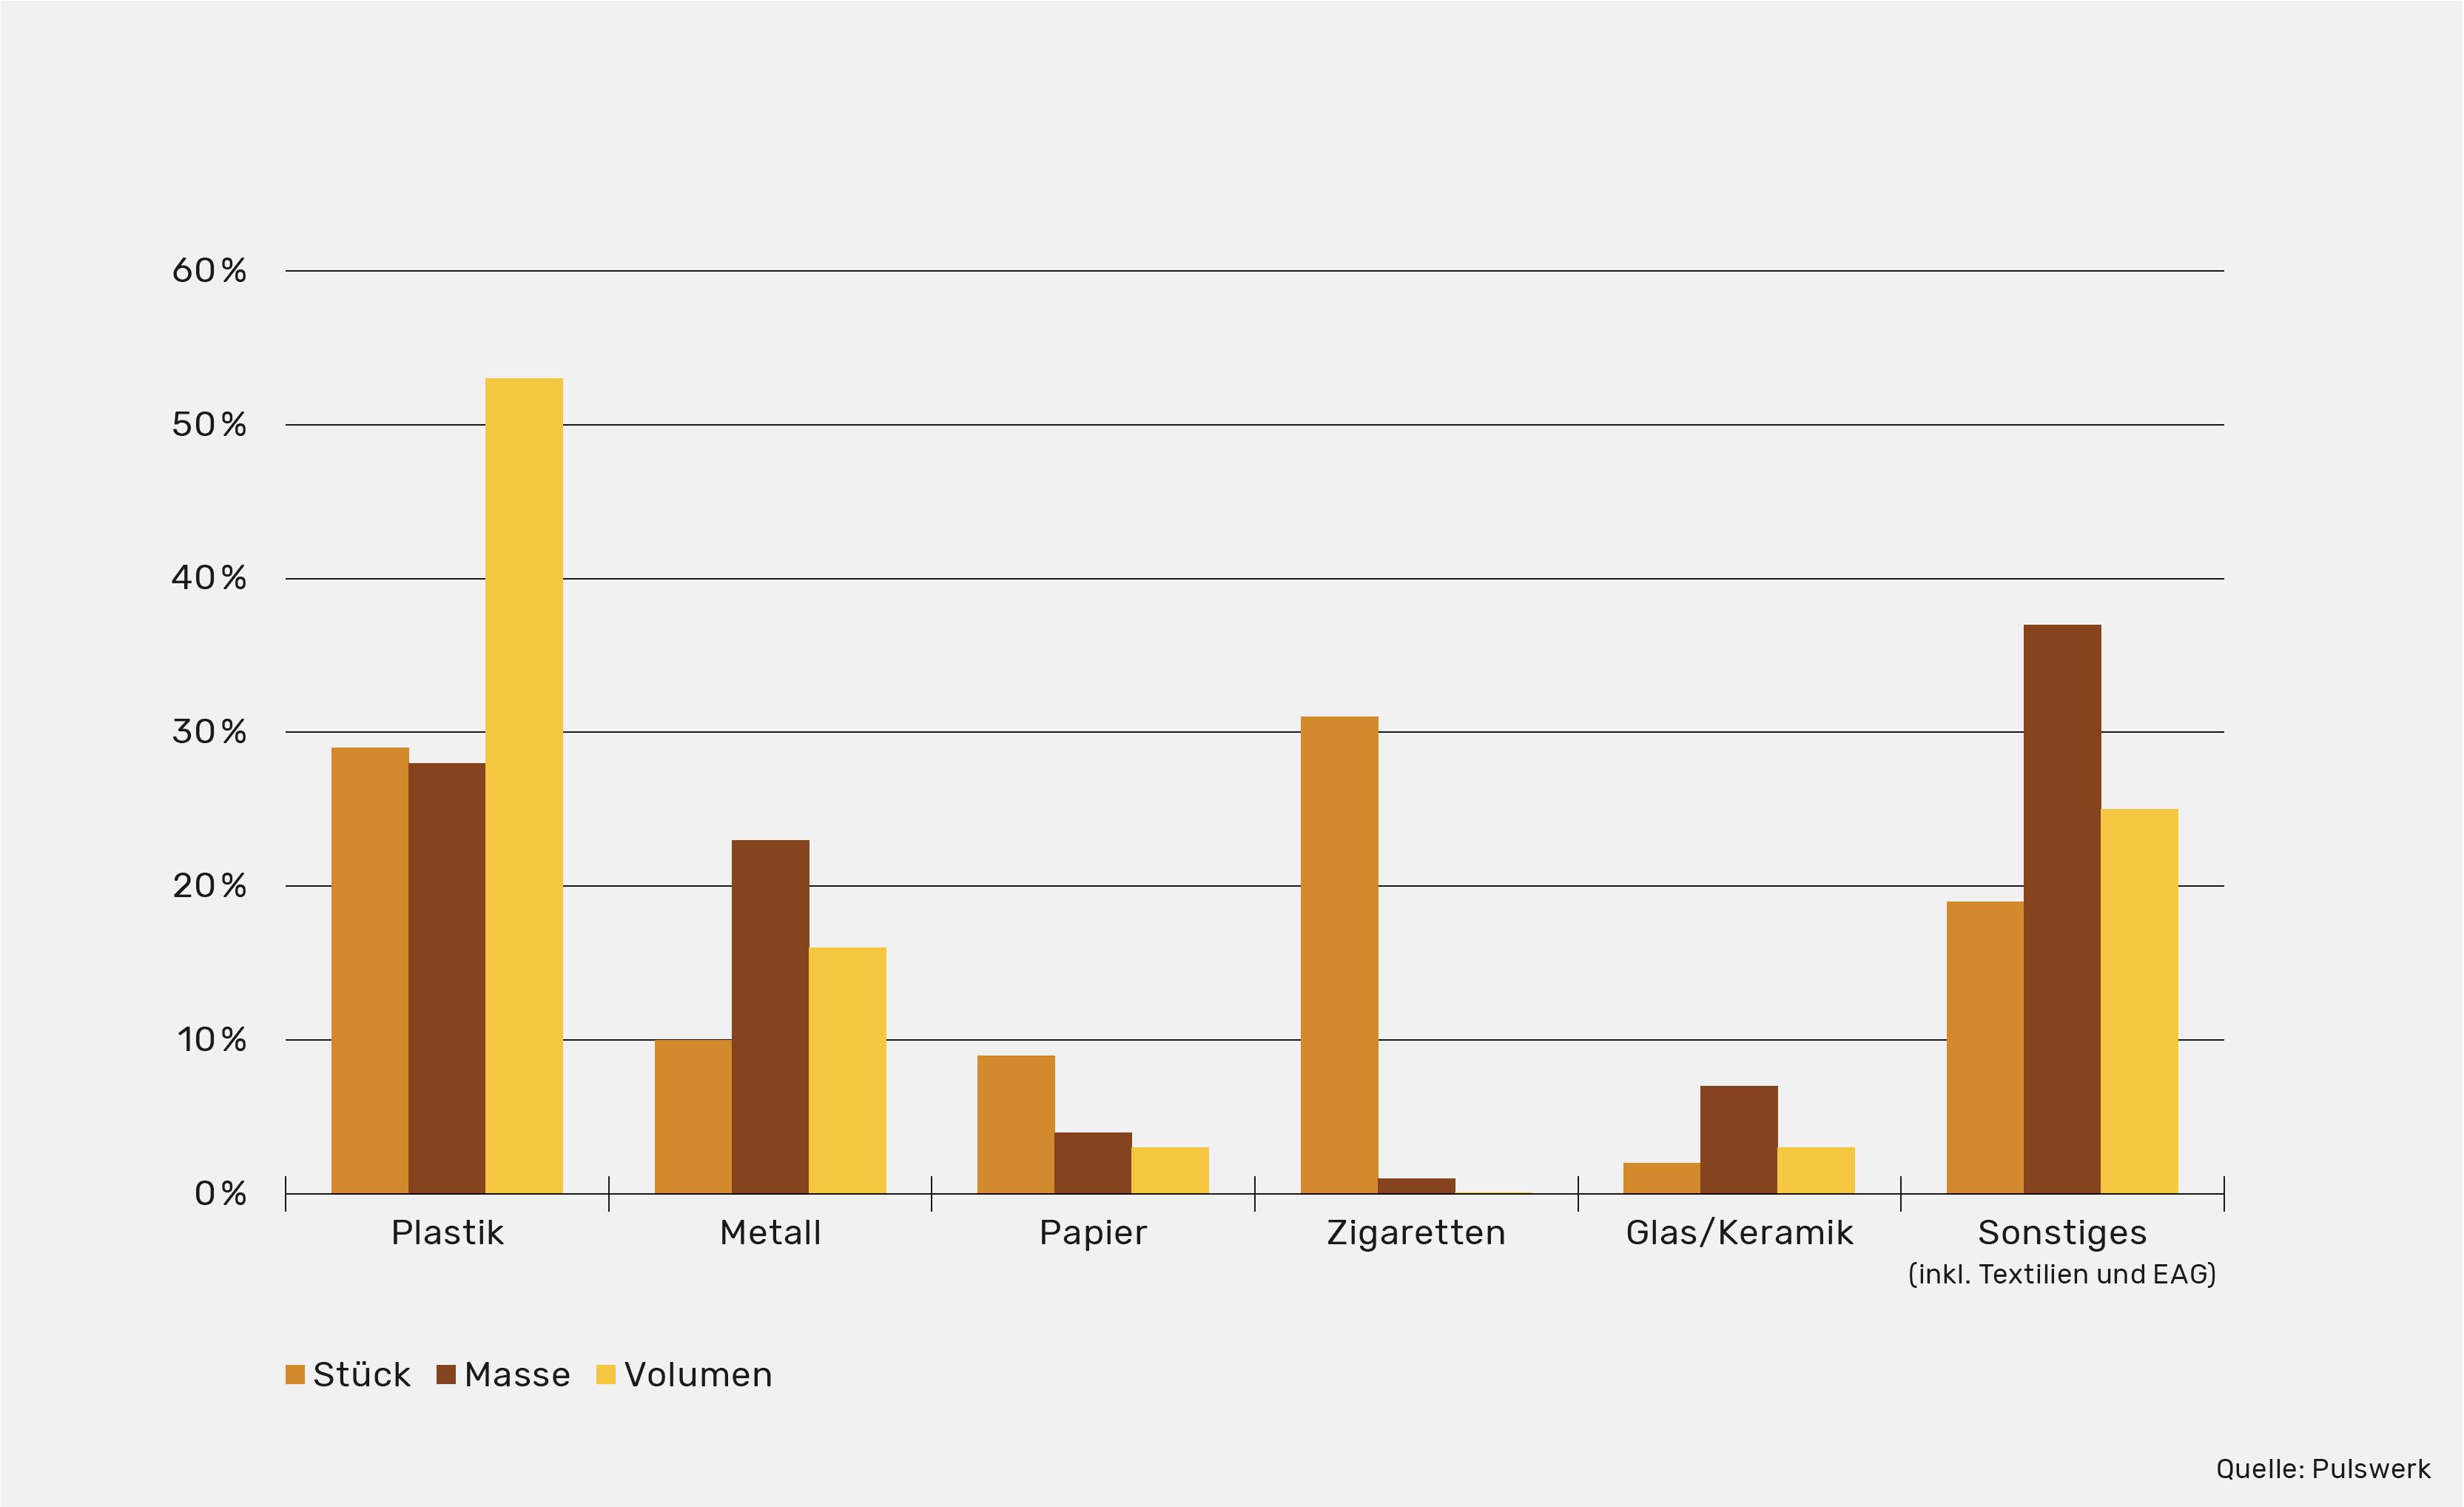 Grafik: Gefundene Müllarten nach Gewicht/Volumen/Stück